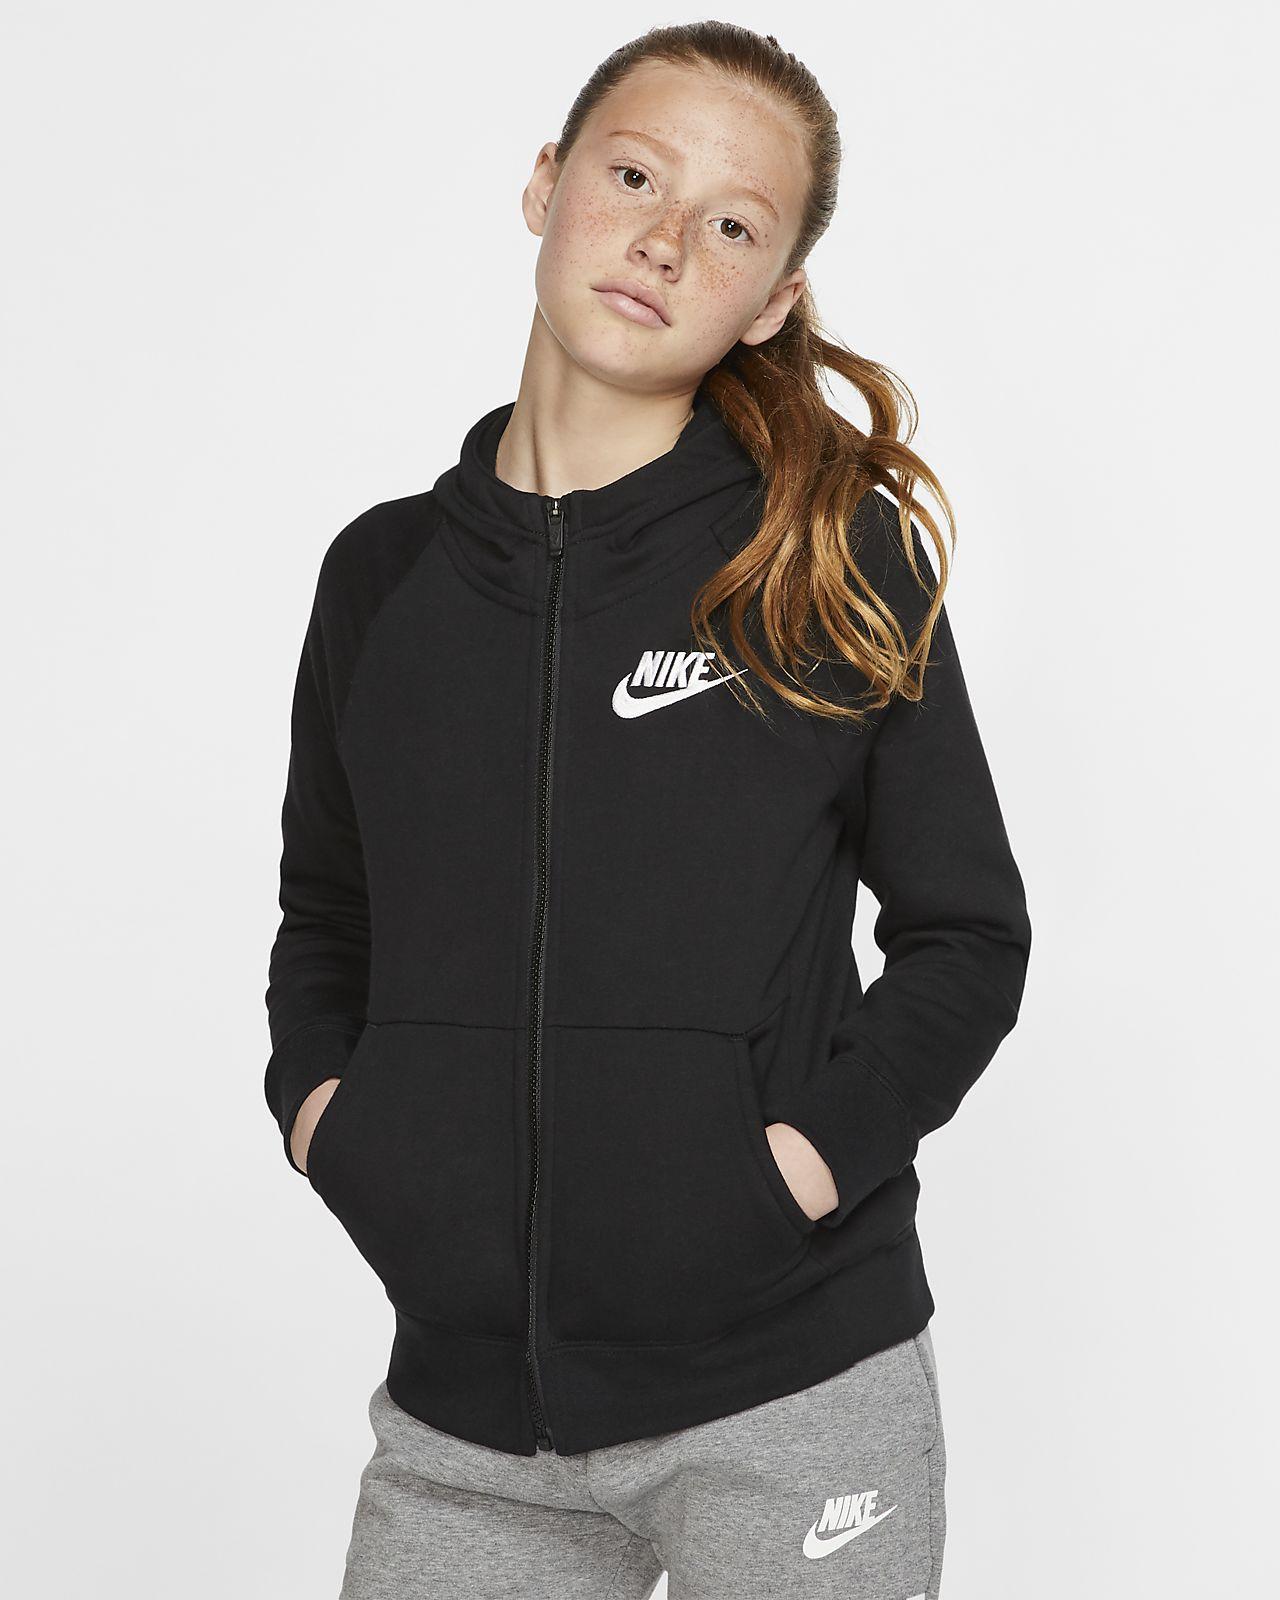 tuta nike sportswear bambina/ragazza